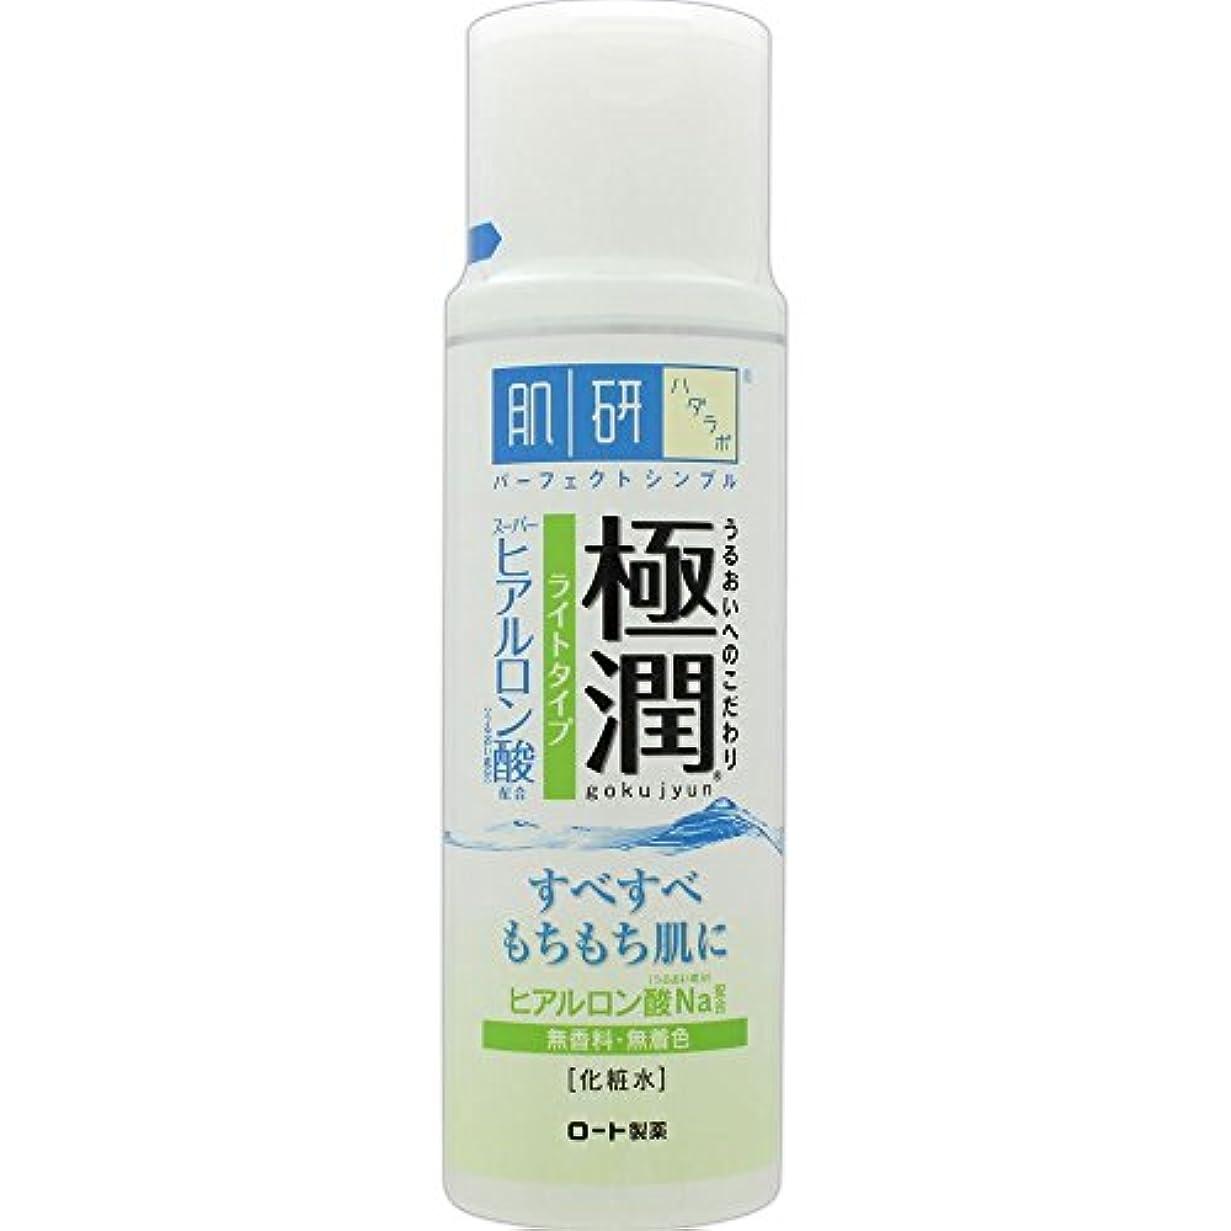 グリップいつも実験的肌研(ハダラボ) 極潤 ヒアルロン液 ライトタイプ 170mL